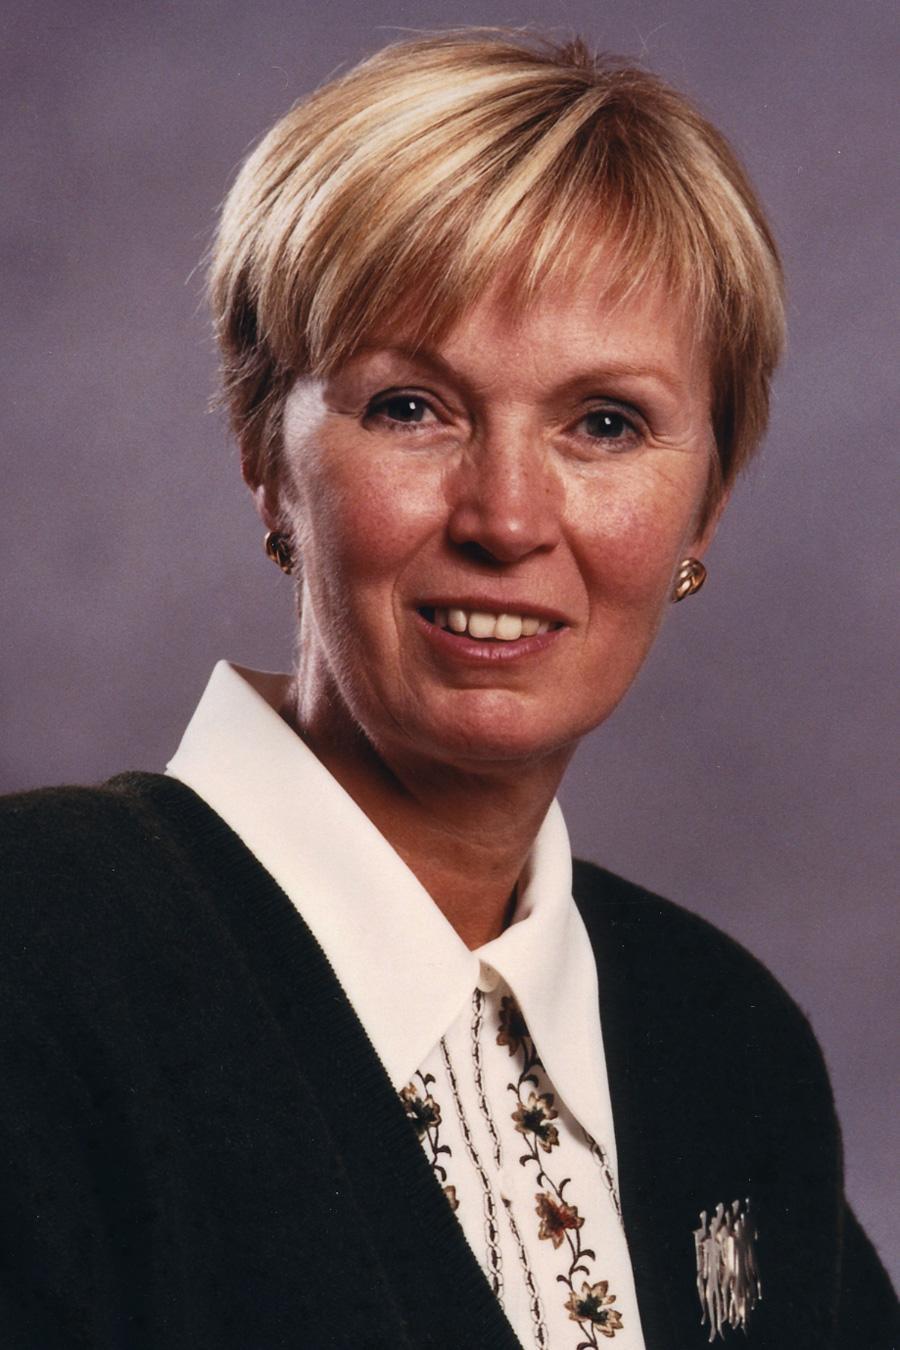 Le 5 mai 2000, Nycole Turmel est devenue la première femme à accéder à la présidence nationale de l'Alliance de la Fonction publique du Canada.